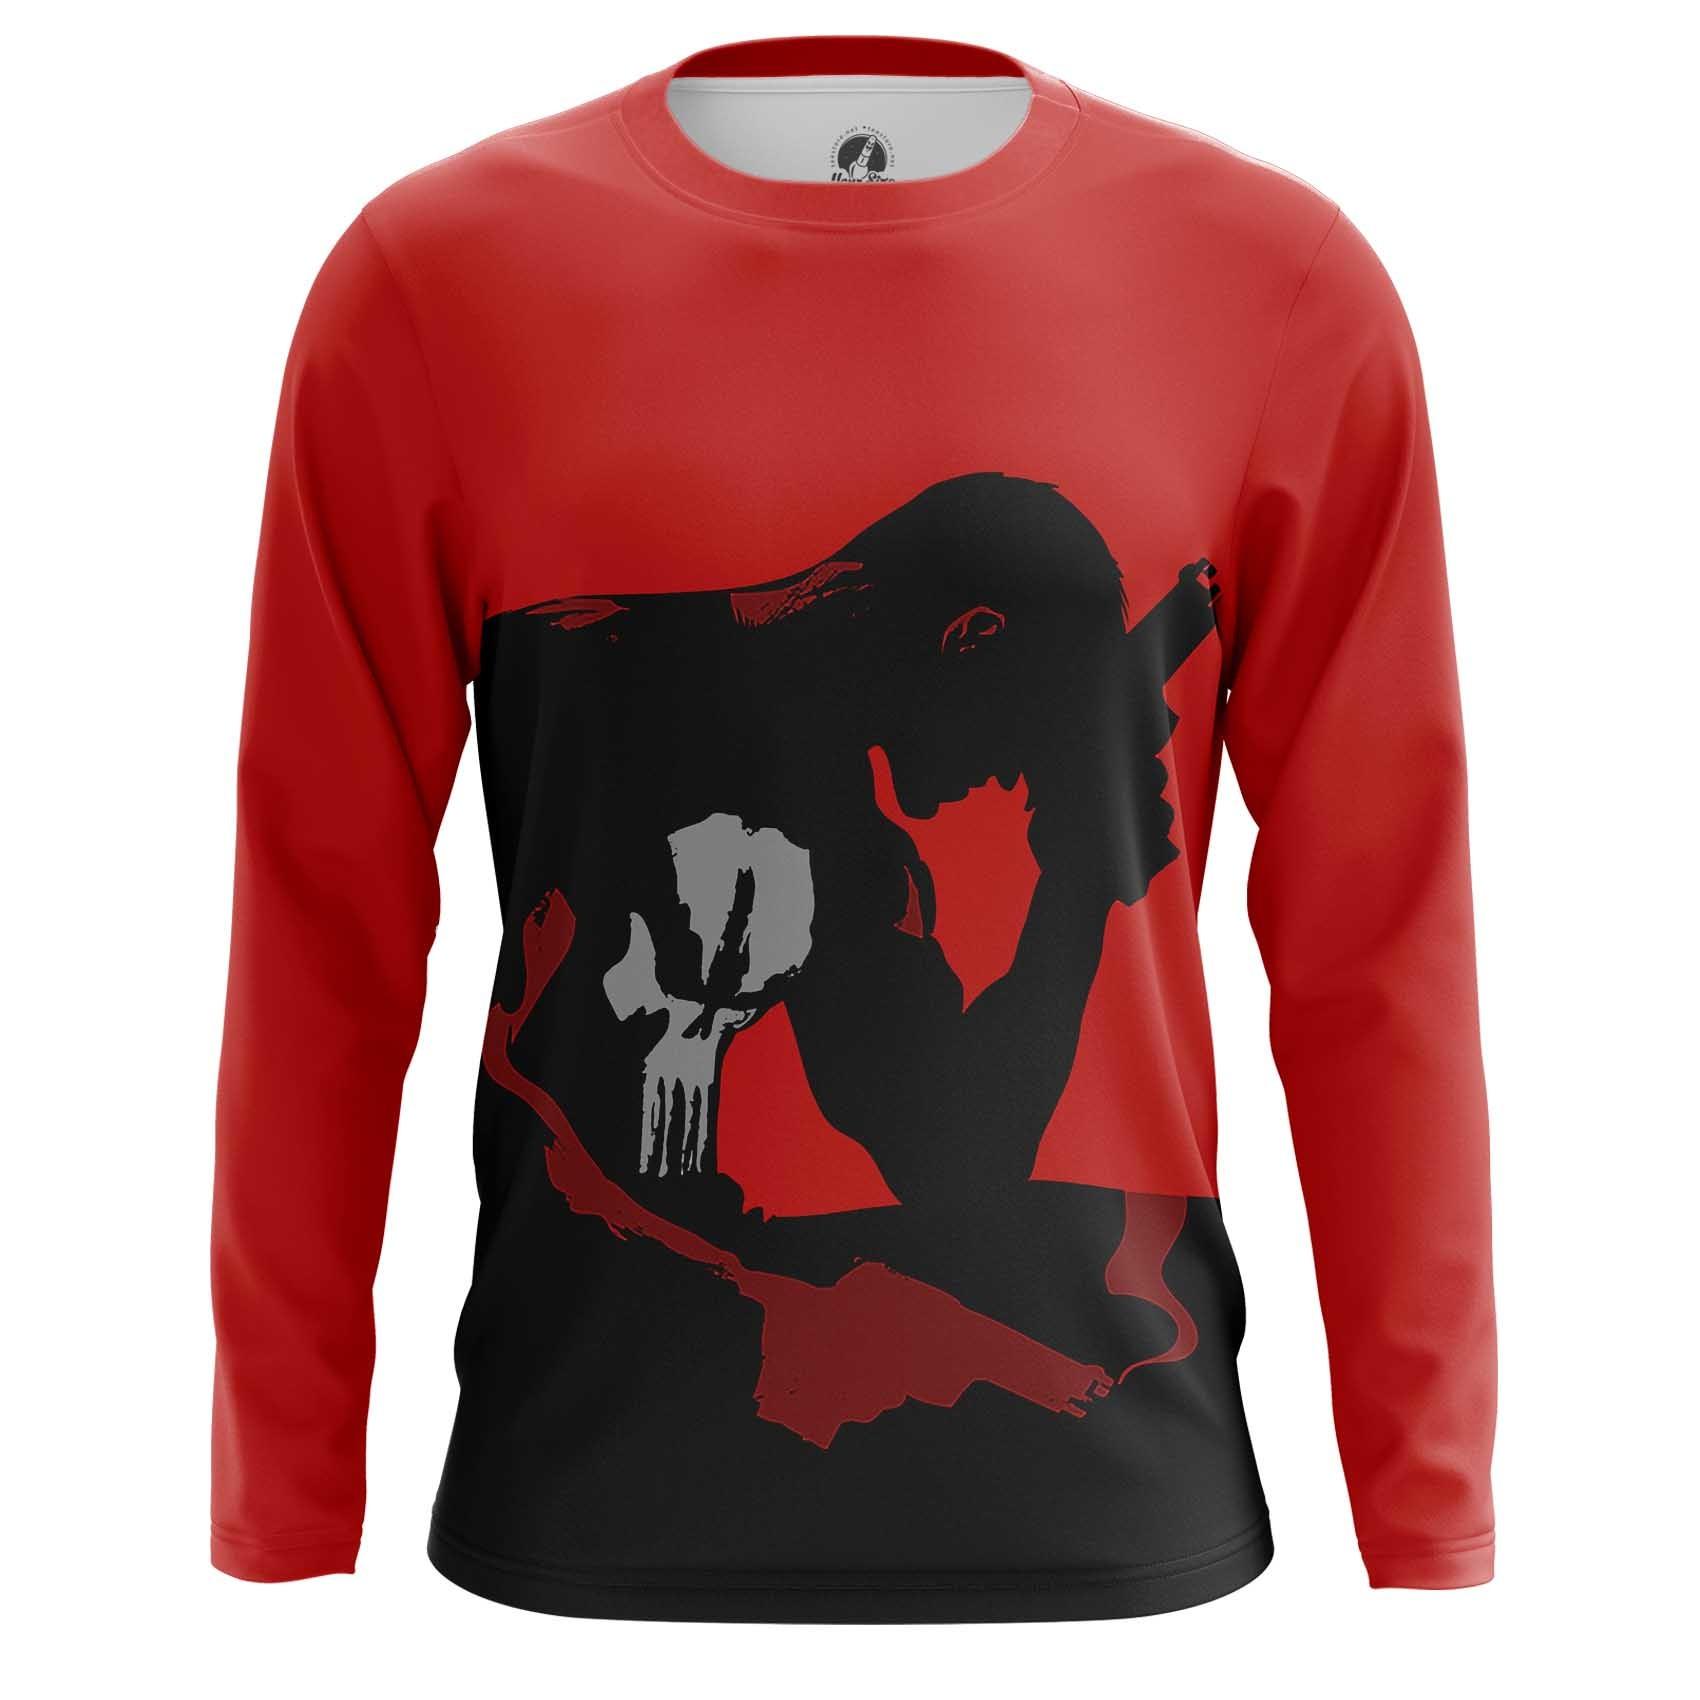 Merchandise Long Sleeve Punisher Black Red Art Inspired